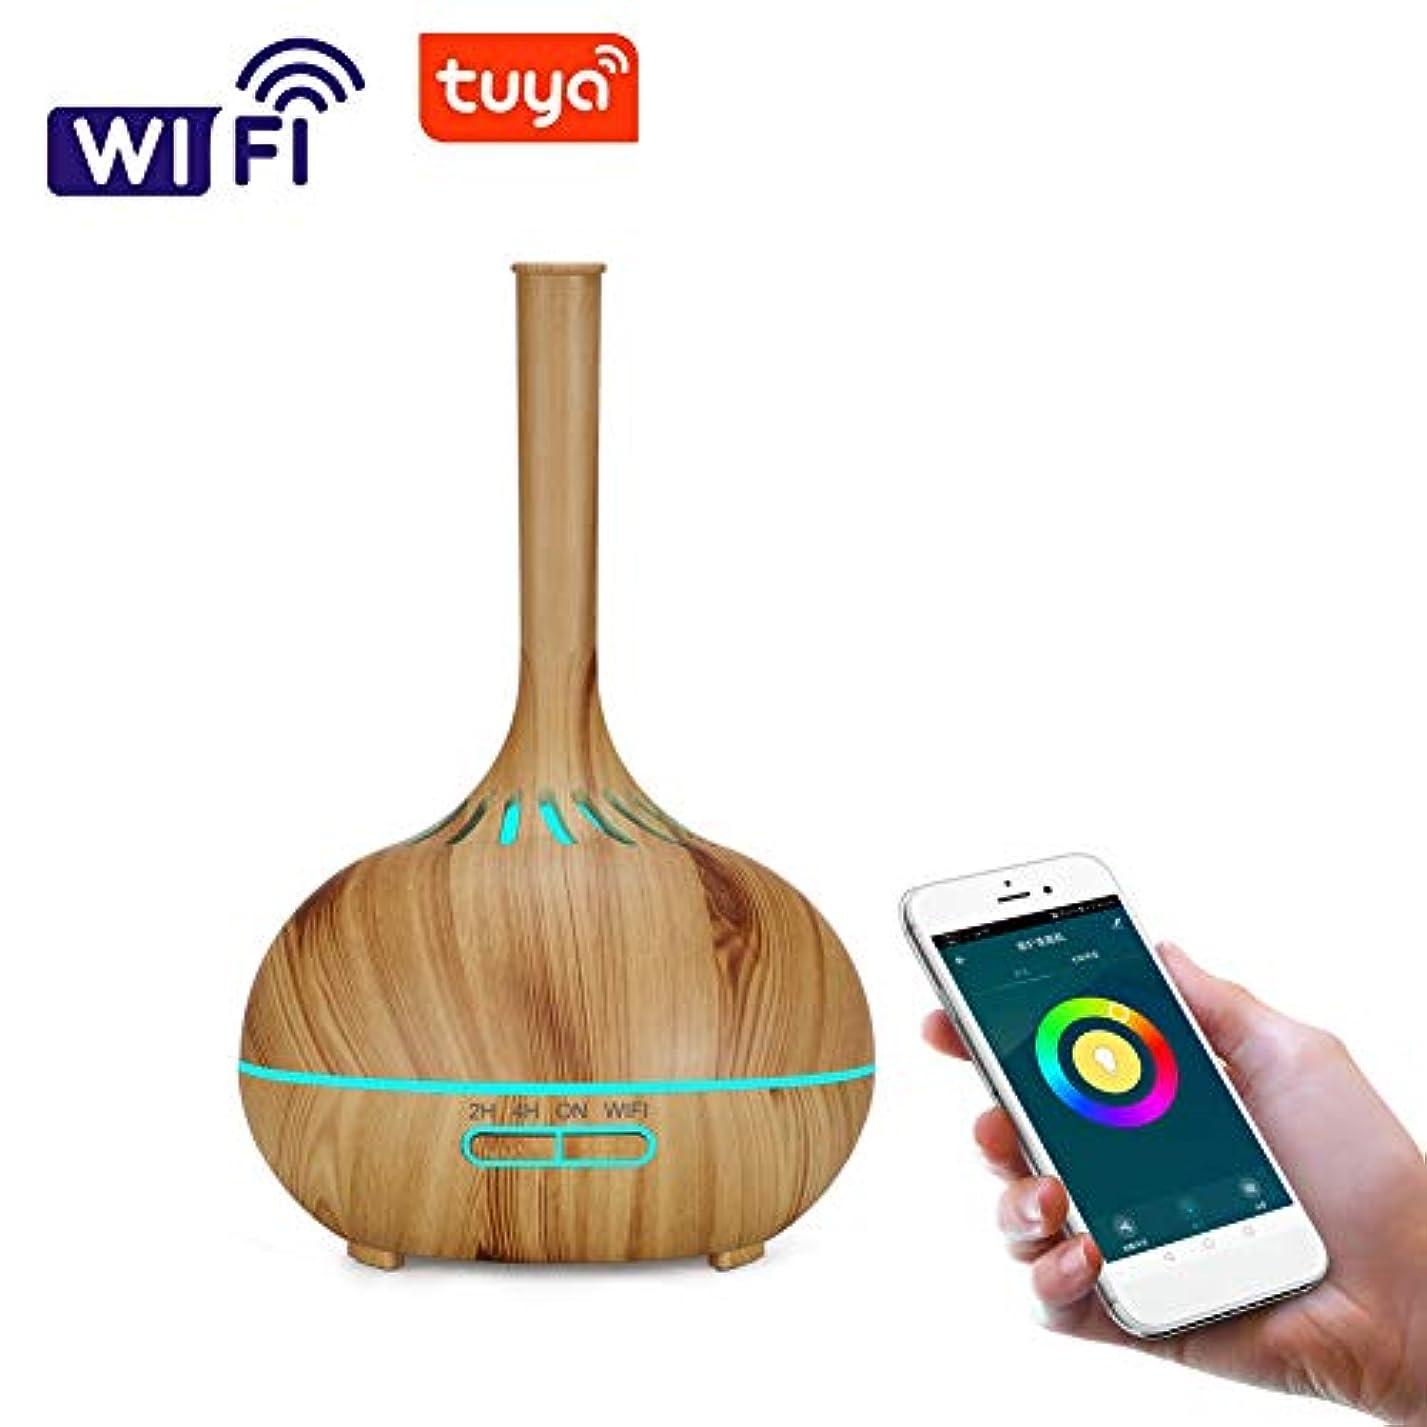 劇作家ストローク放散する木目 涼しい霧 超音波式 加湿器,wifi 7 色 香り 精油 ディフューザー 調整可能 空気加湿器 アロマネブライザー ホーム Yoga オフィス- 400ml